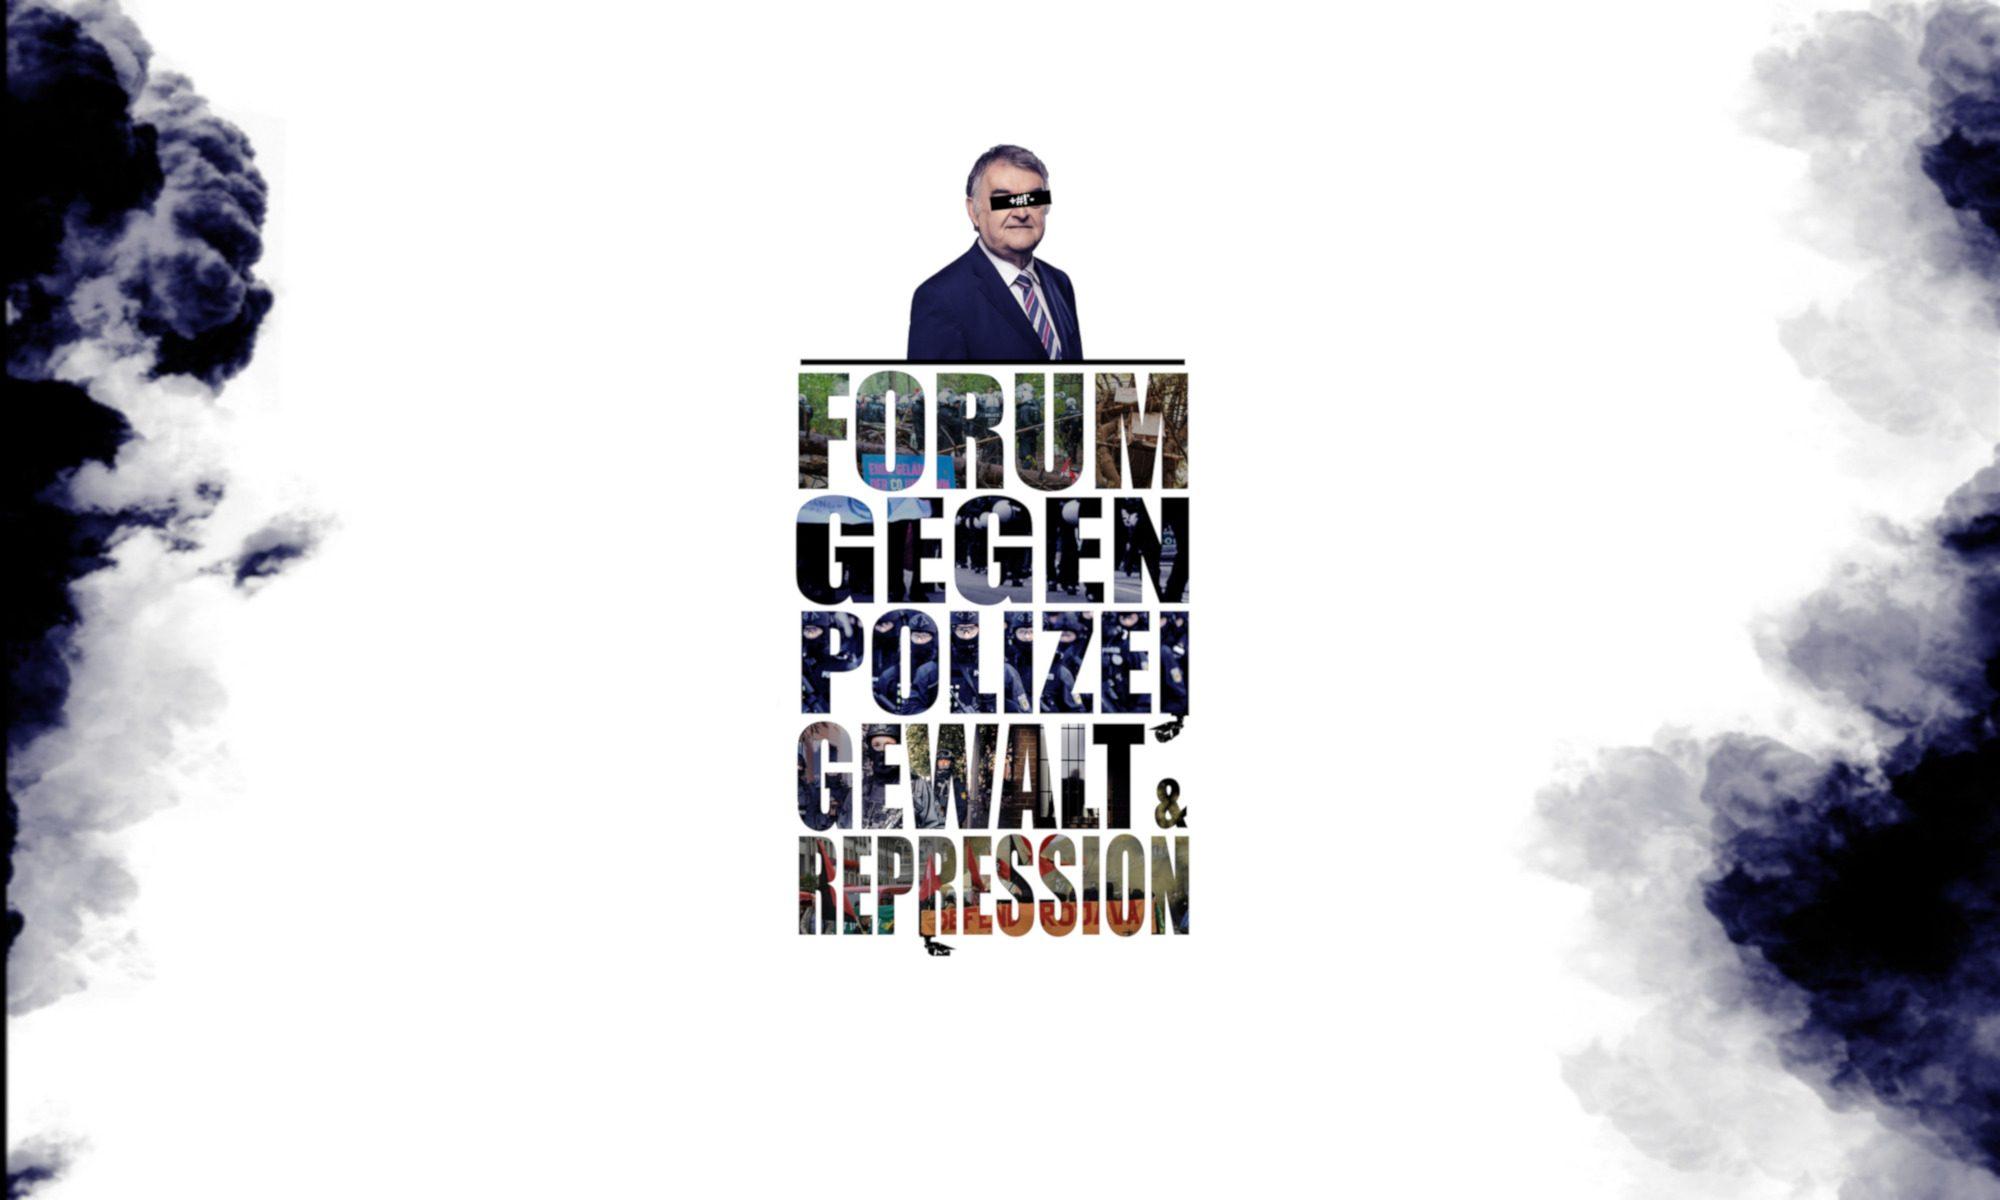 Forum gegen Polizeigewalt & Repression